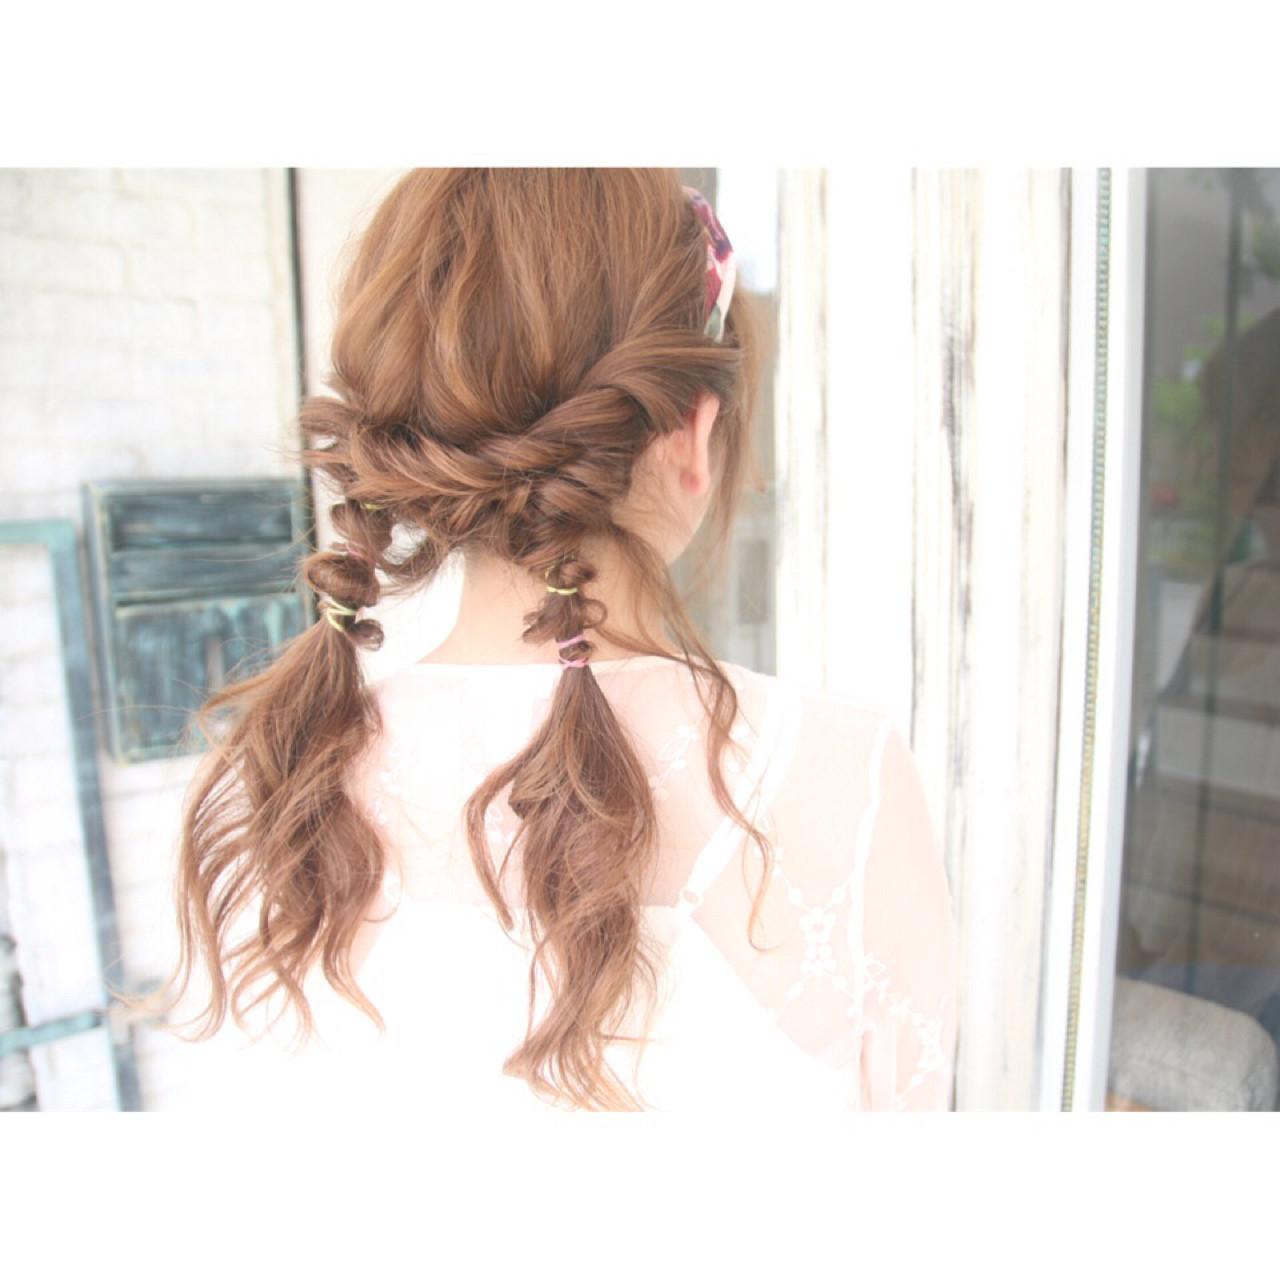 ヘアアレンジ バンダナ ショート ガーリー ヘアスタイルや髪型の写真・画像